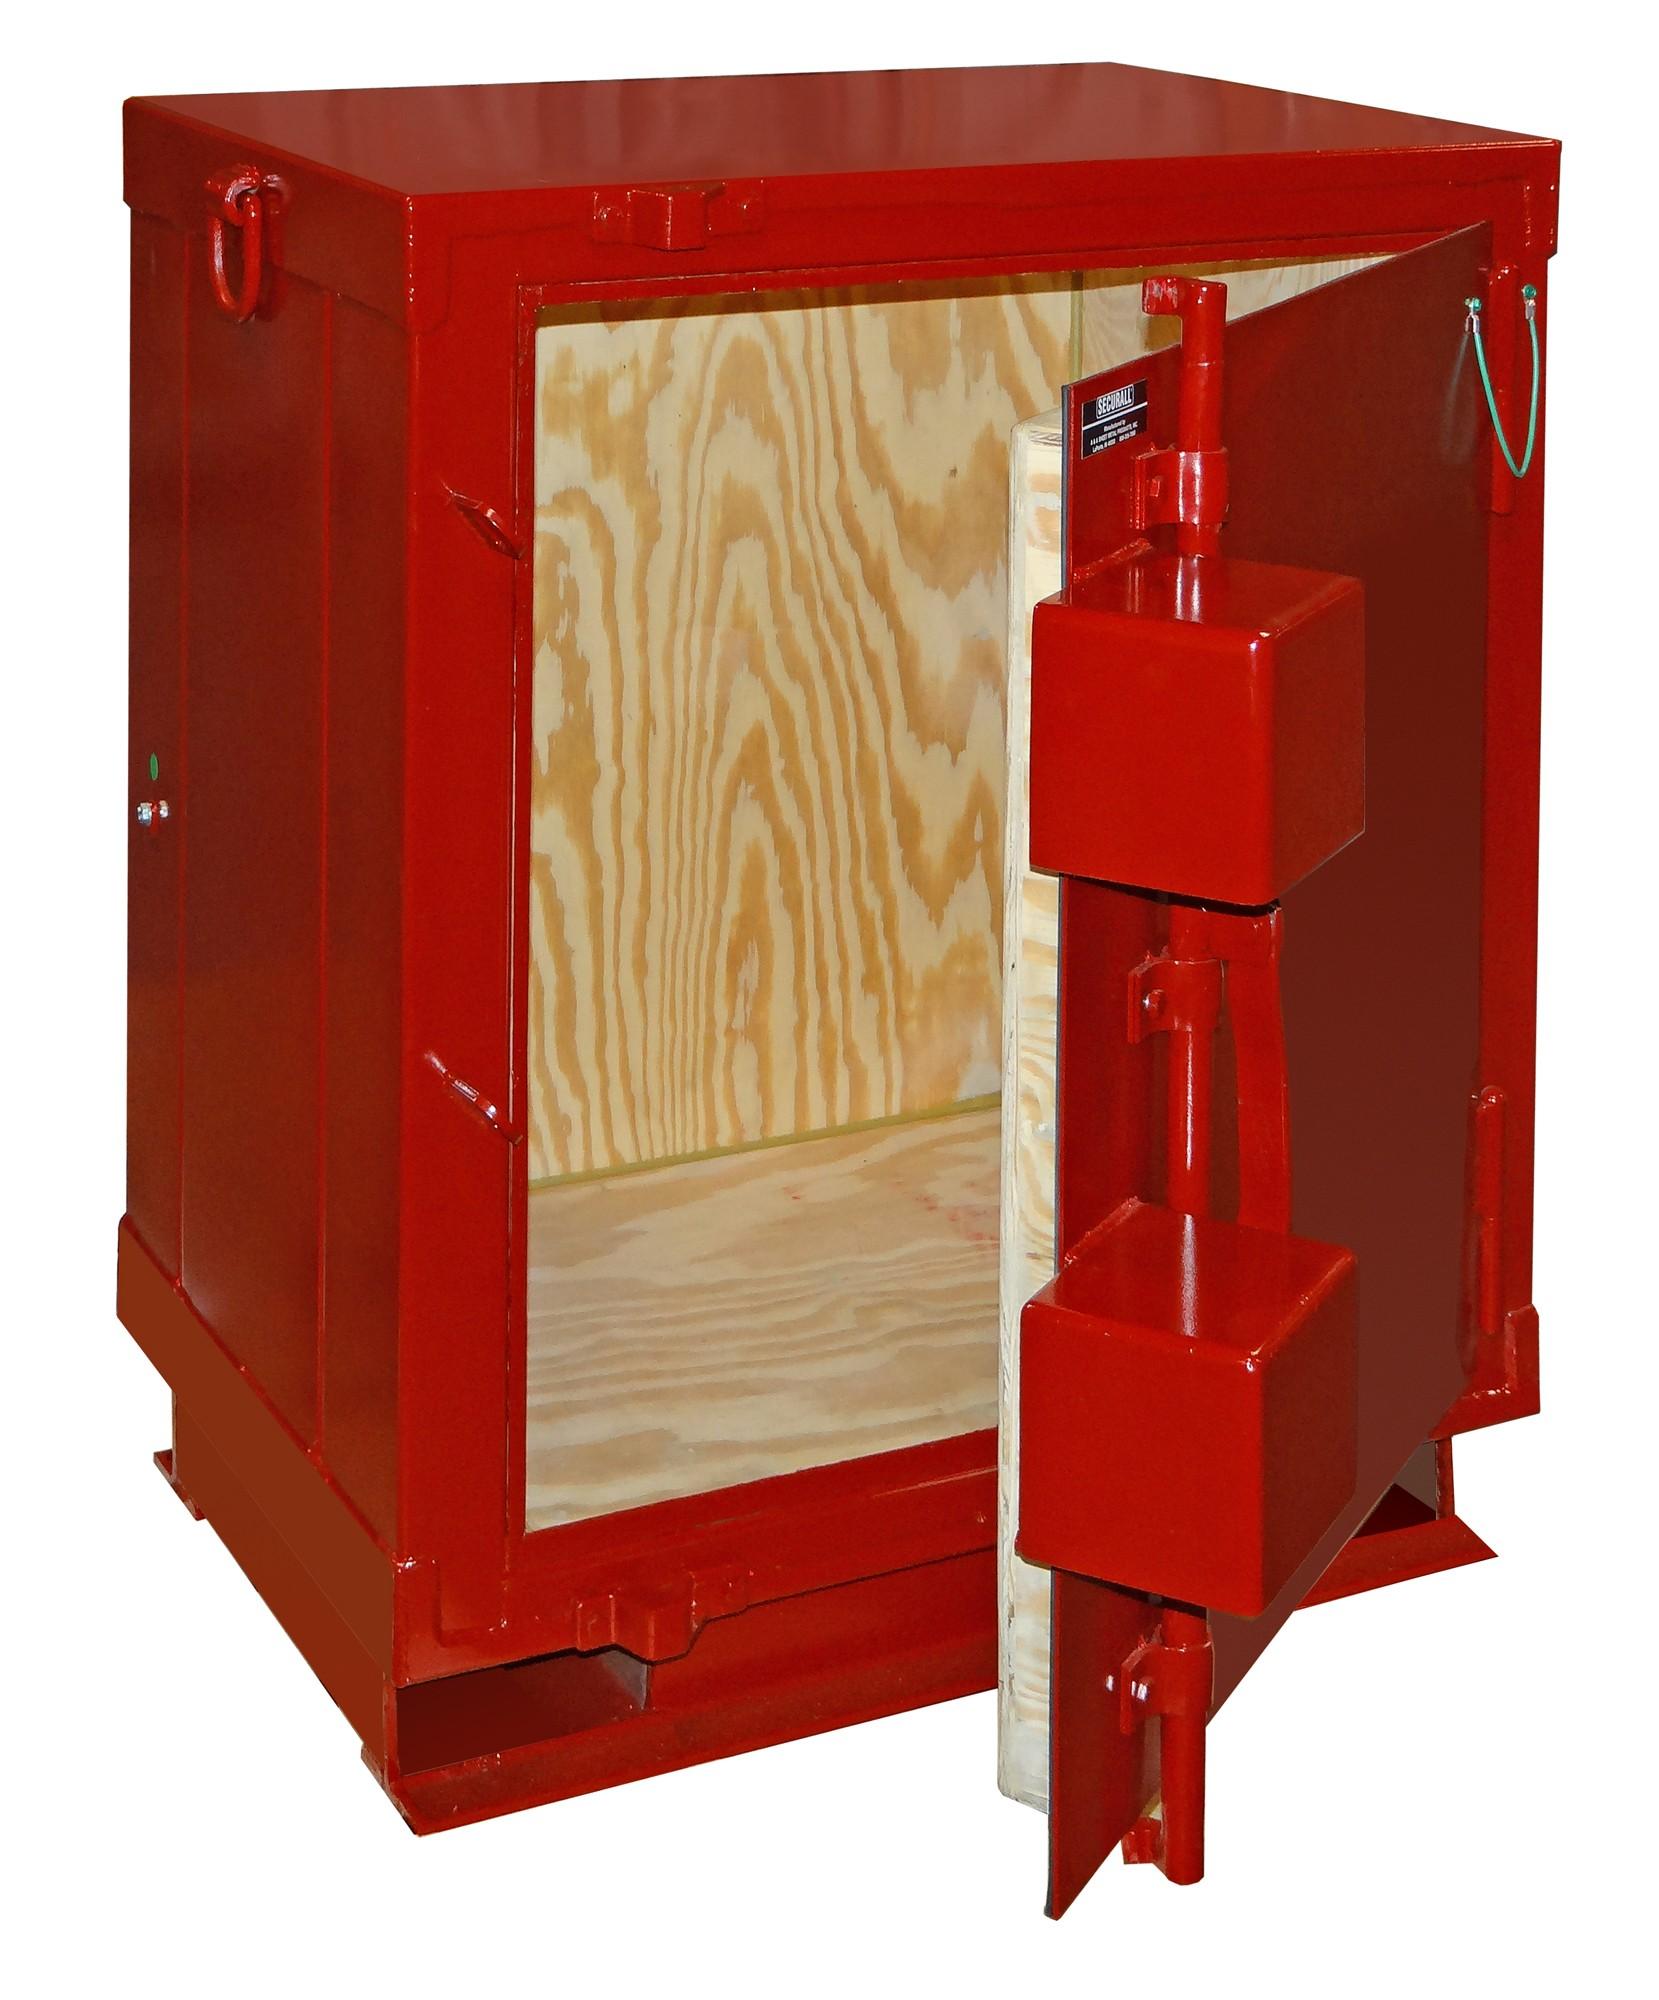 M100 Type 2 Explosive Storage Magazine for Outdoor Storage